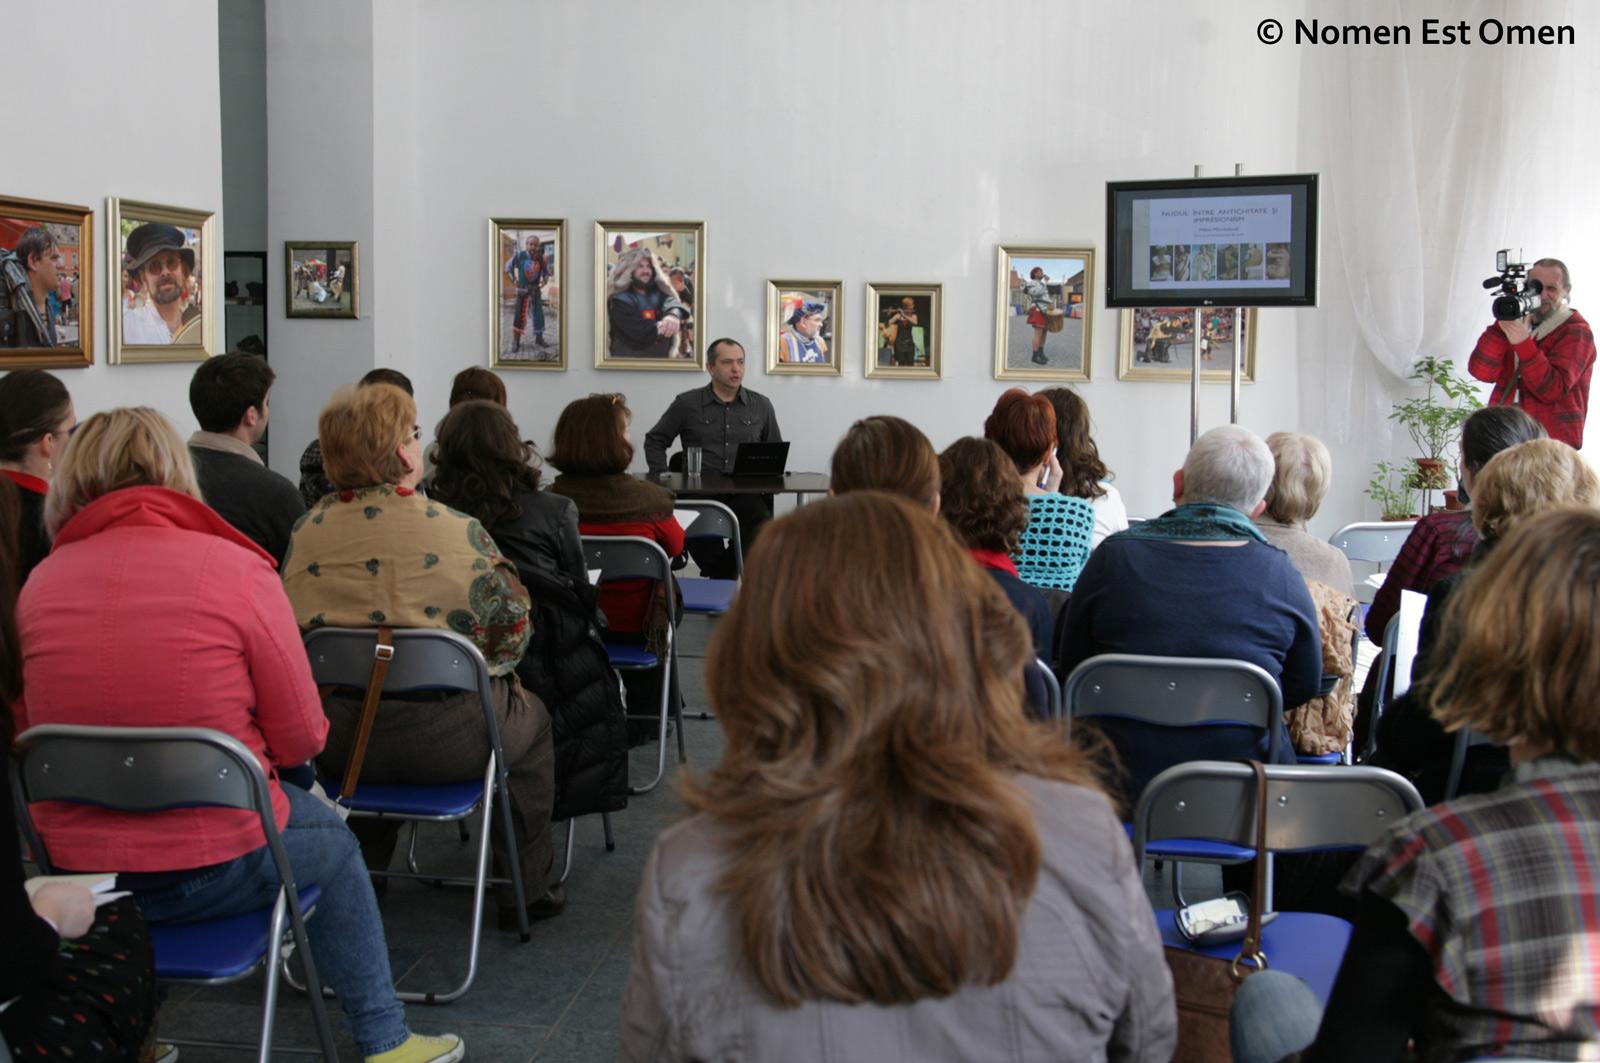 Conferinţă Mihai Plămădeală - Nomen Est Omen